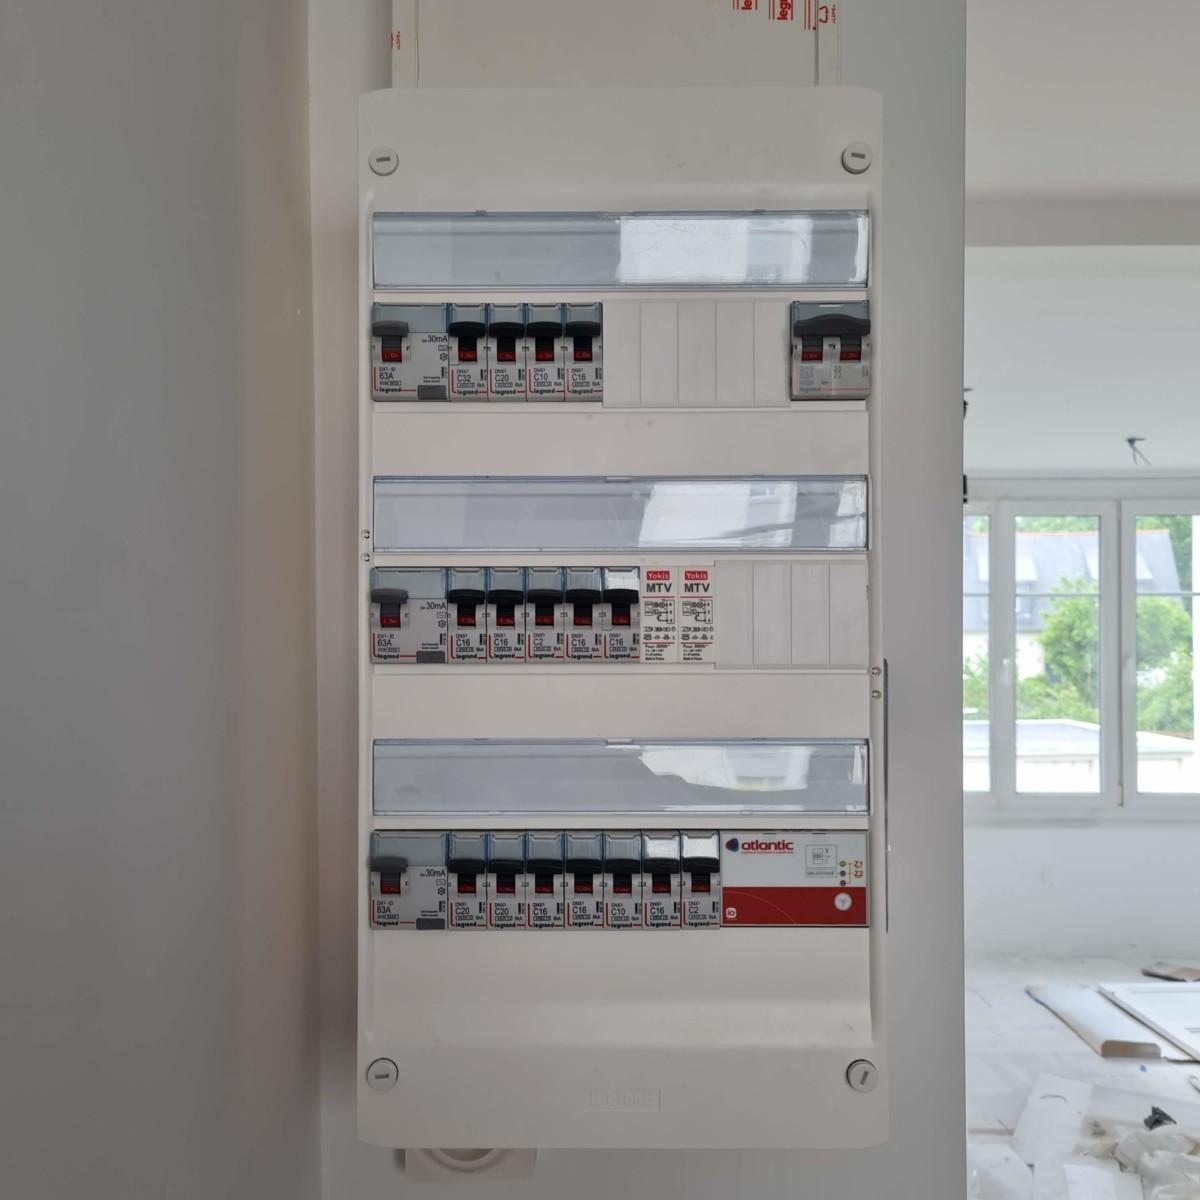 BRIT ENERGIES Electricien Rennes IMG 16